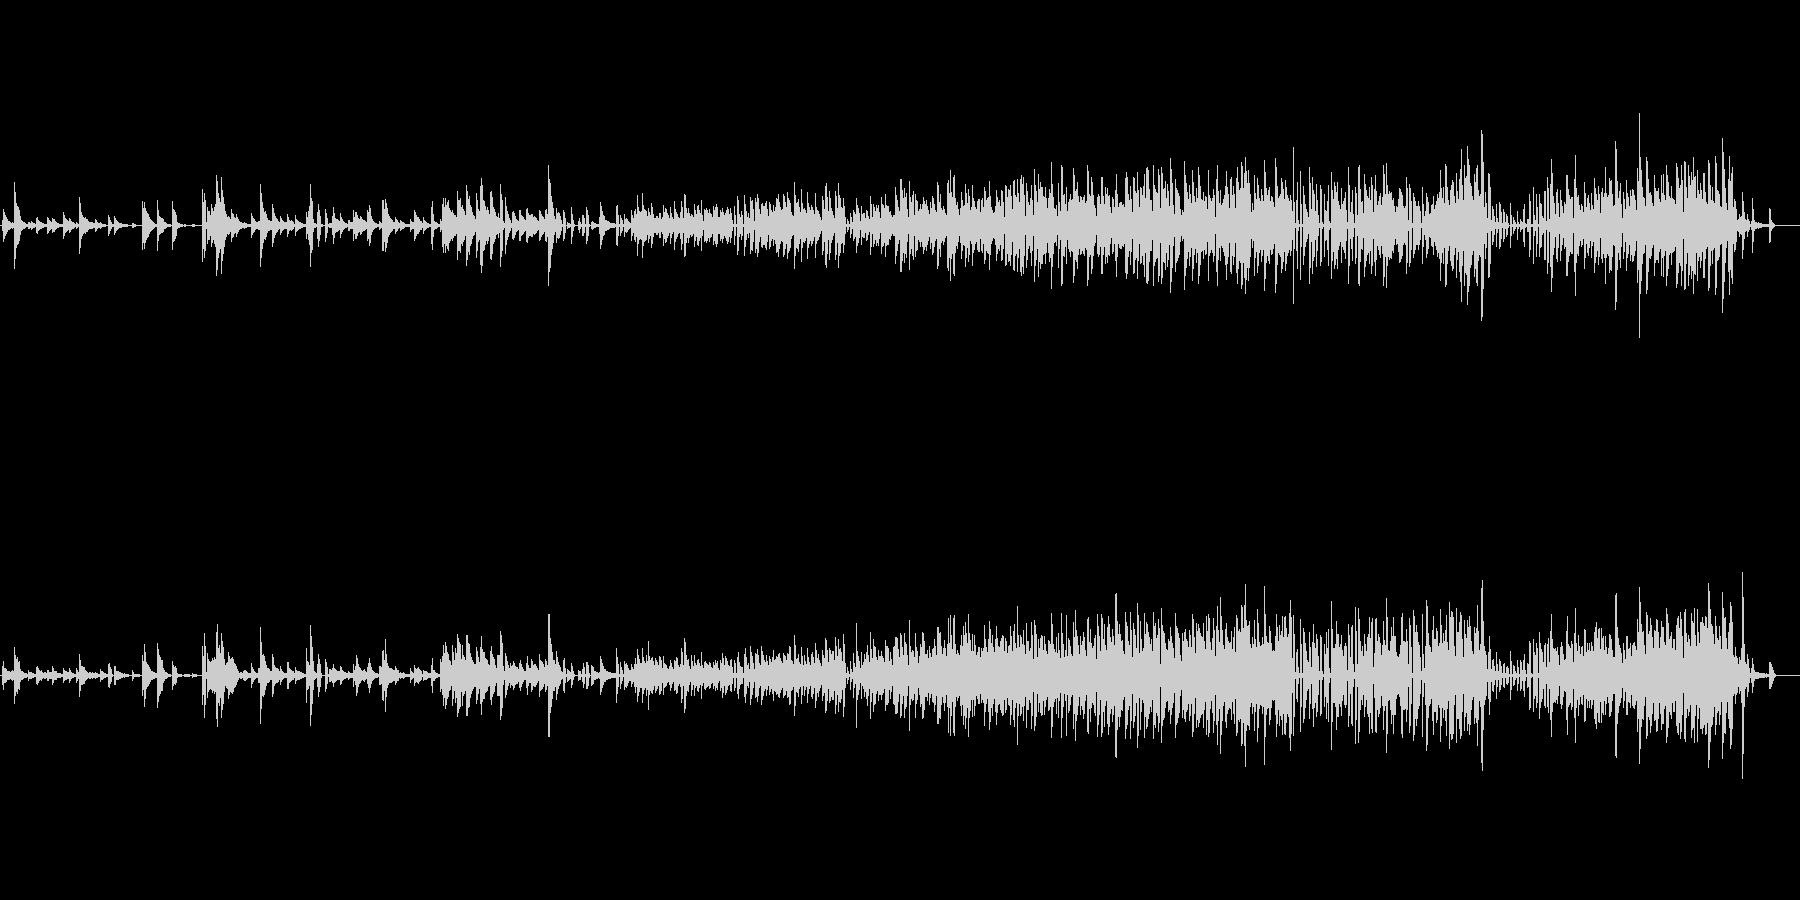 生ピアノソロ・クリスマス・ジャズアレンジの未再生の波形